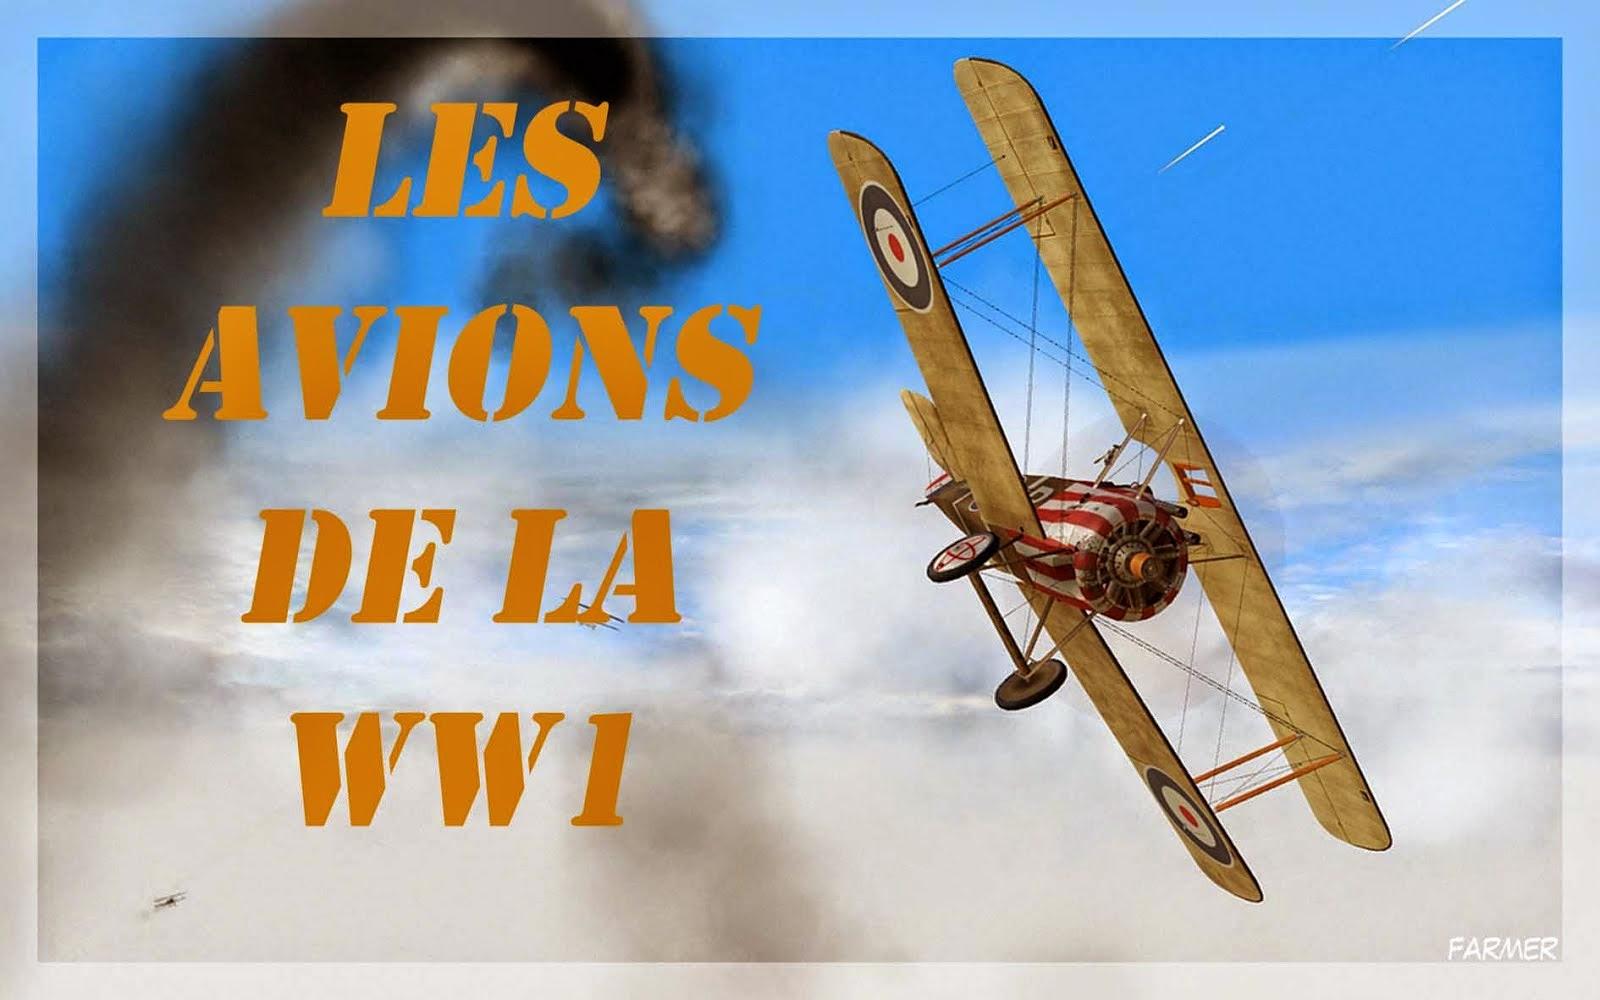 A découvrir série de livres sur les avions de la WW1